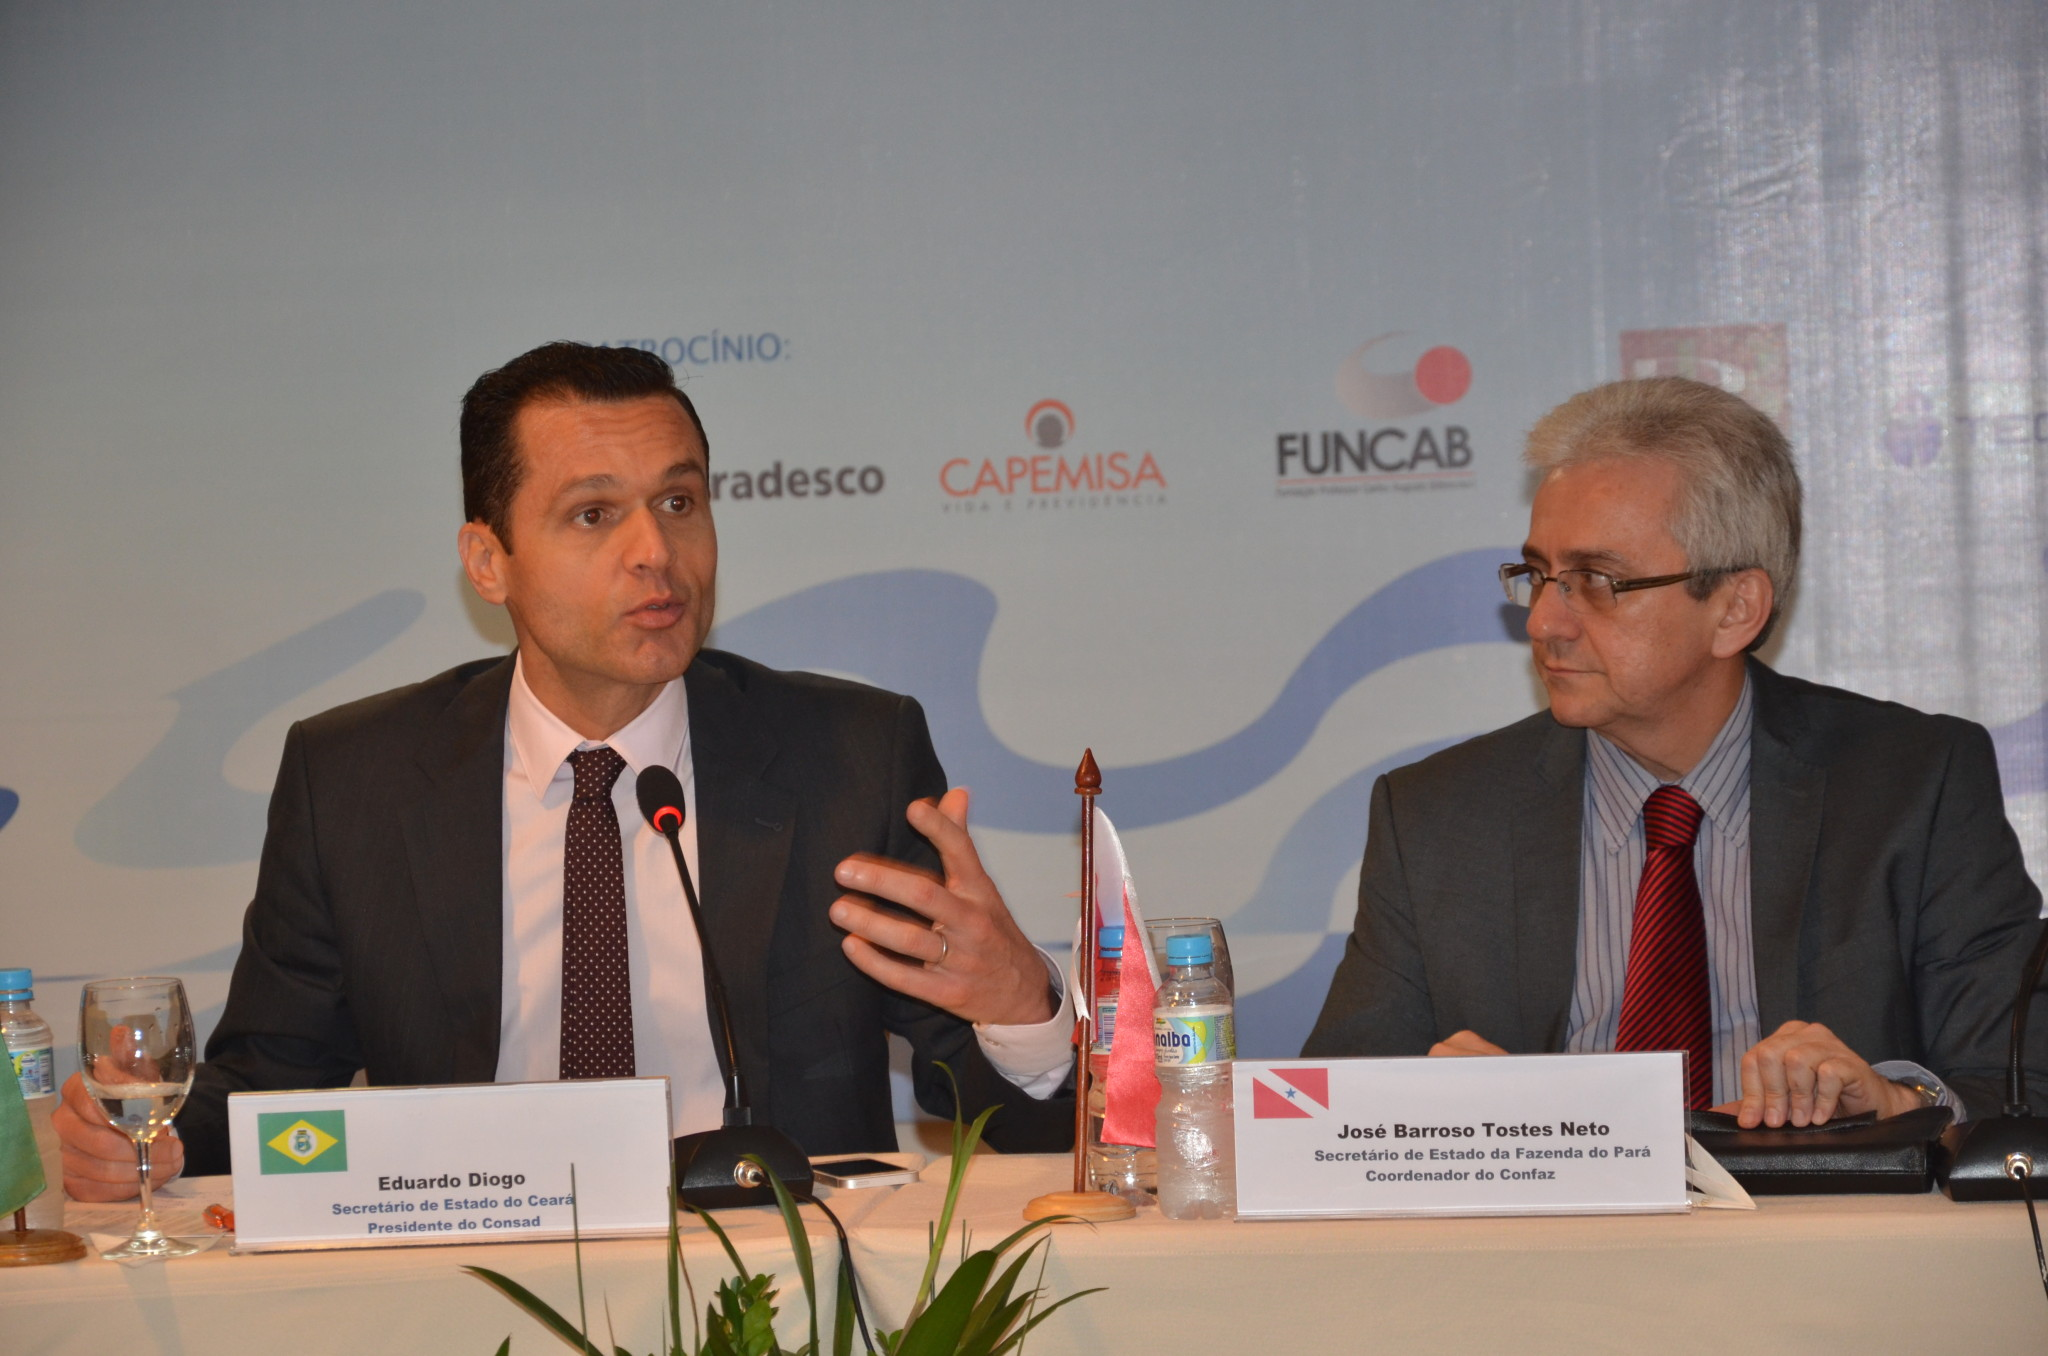 Presidente do Consad fala da parceria com o Confaz